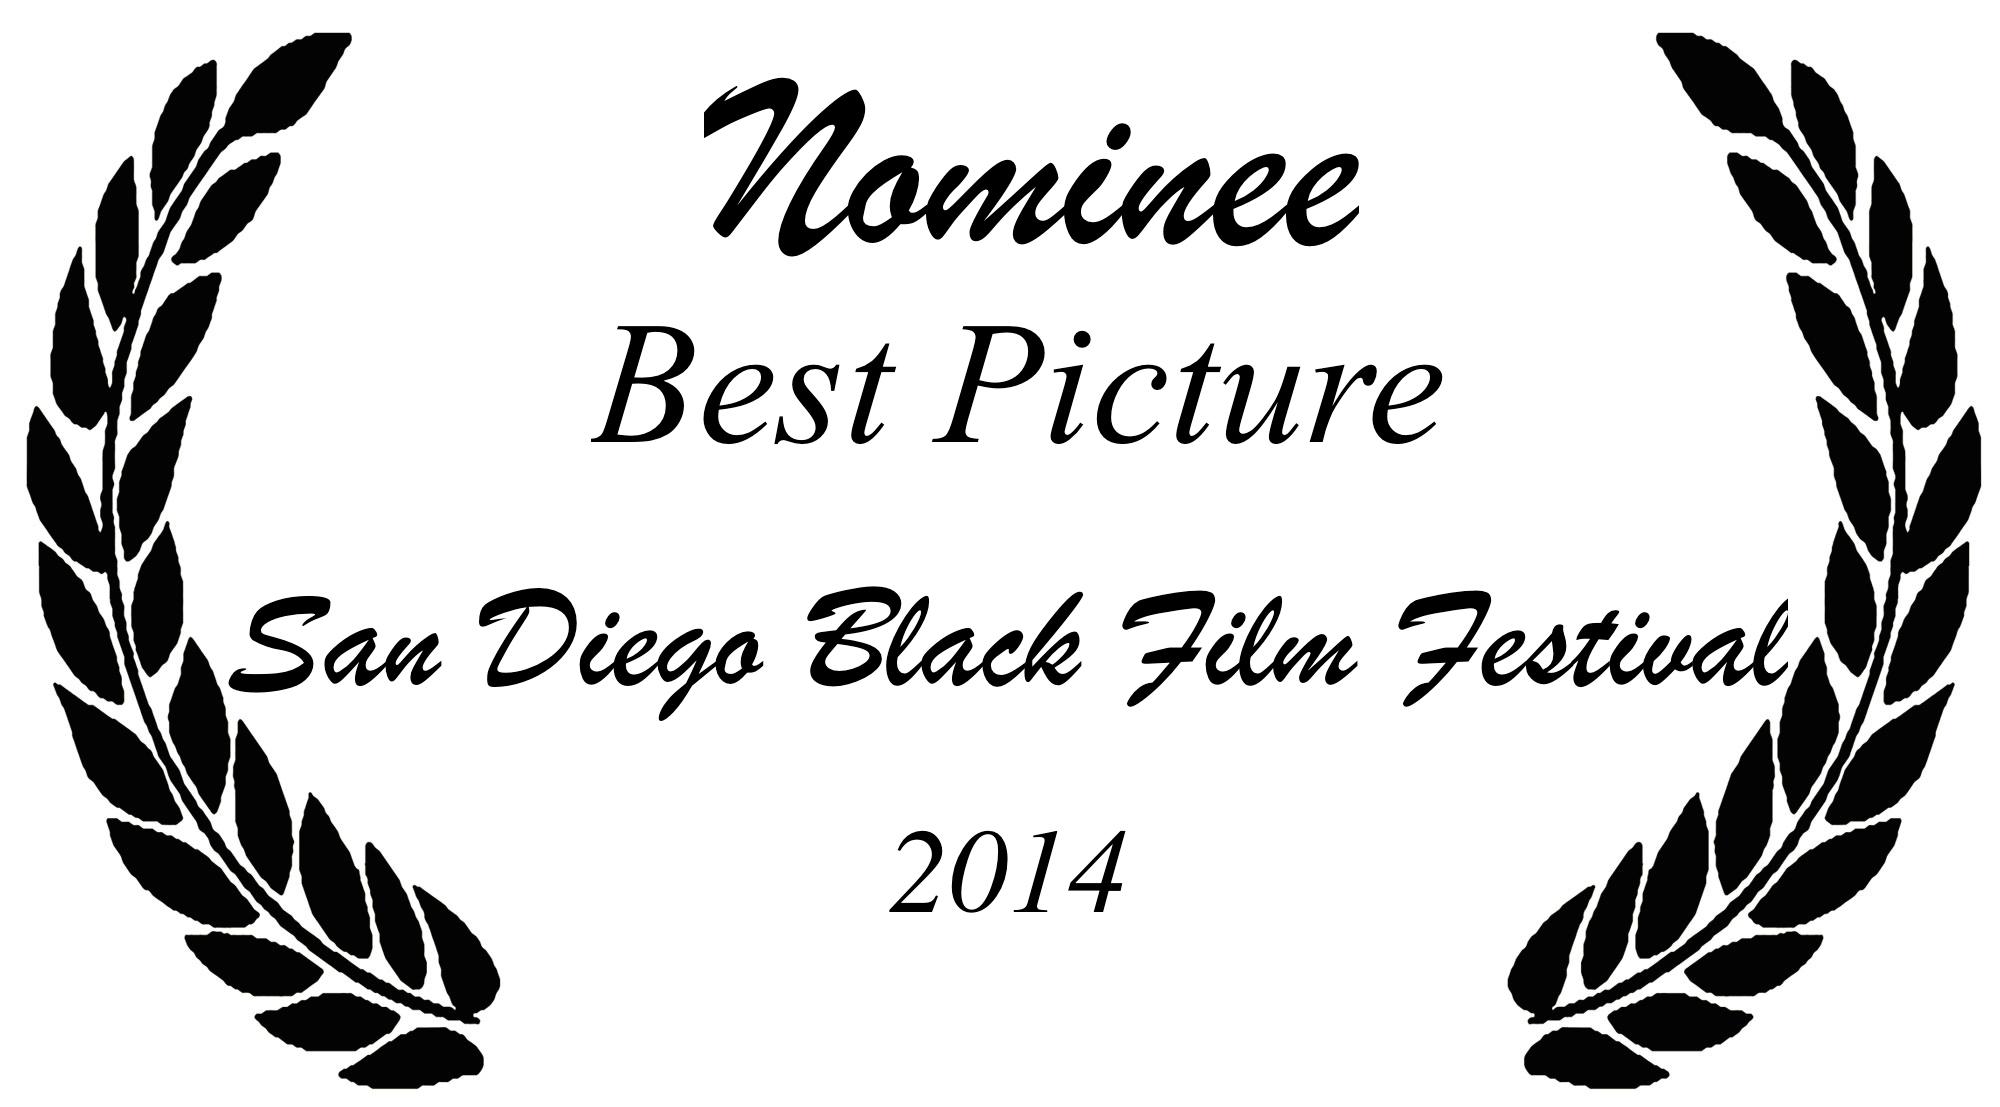 SDBFF Nominee4.jpg